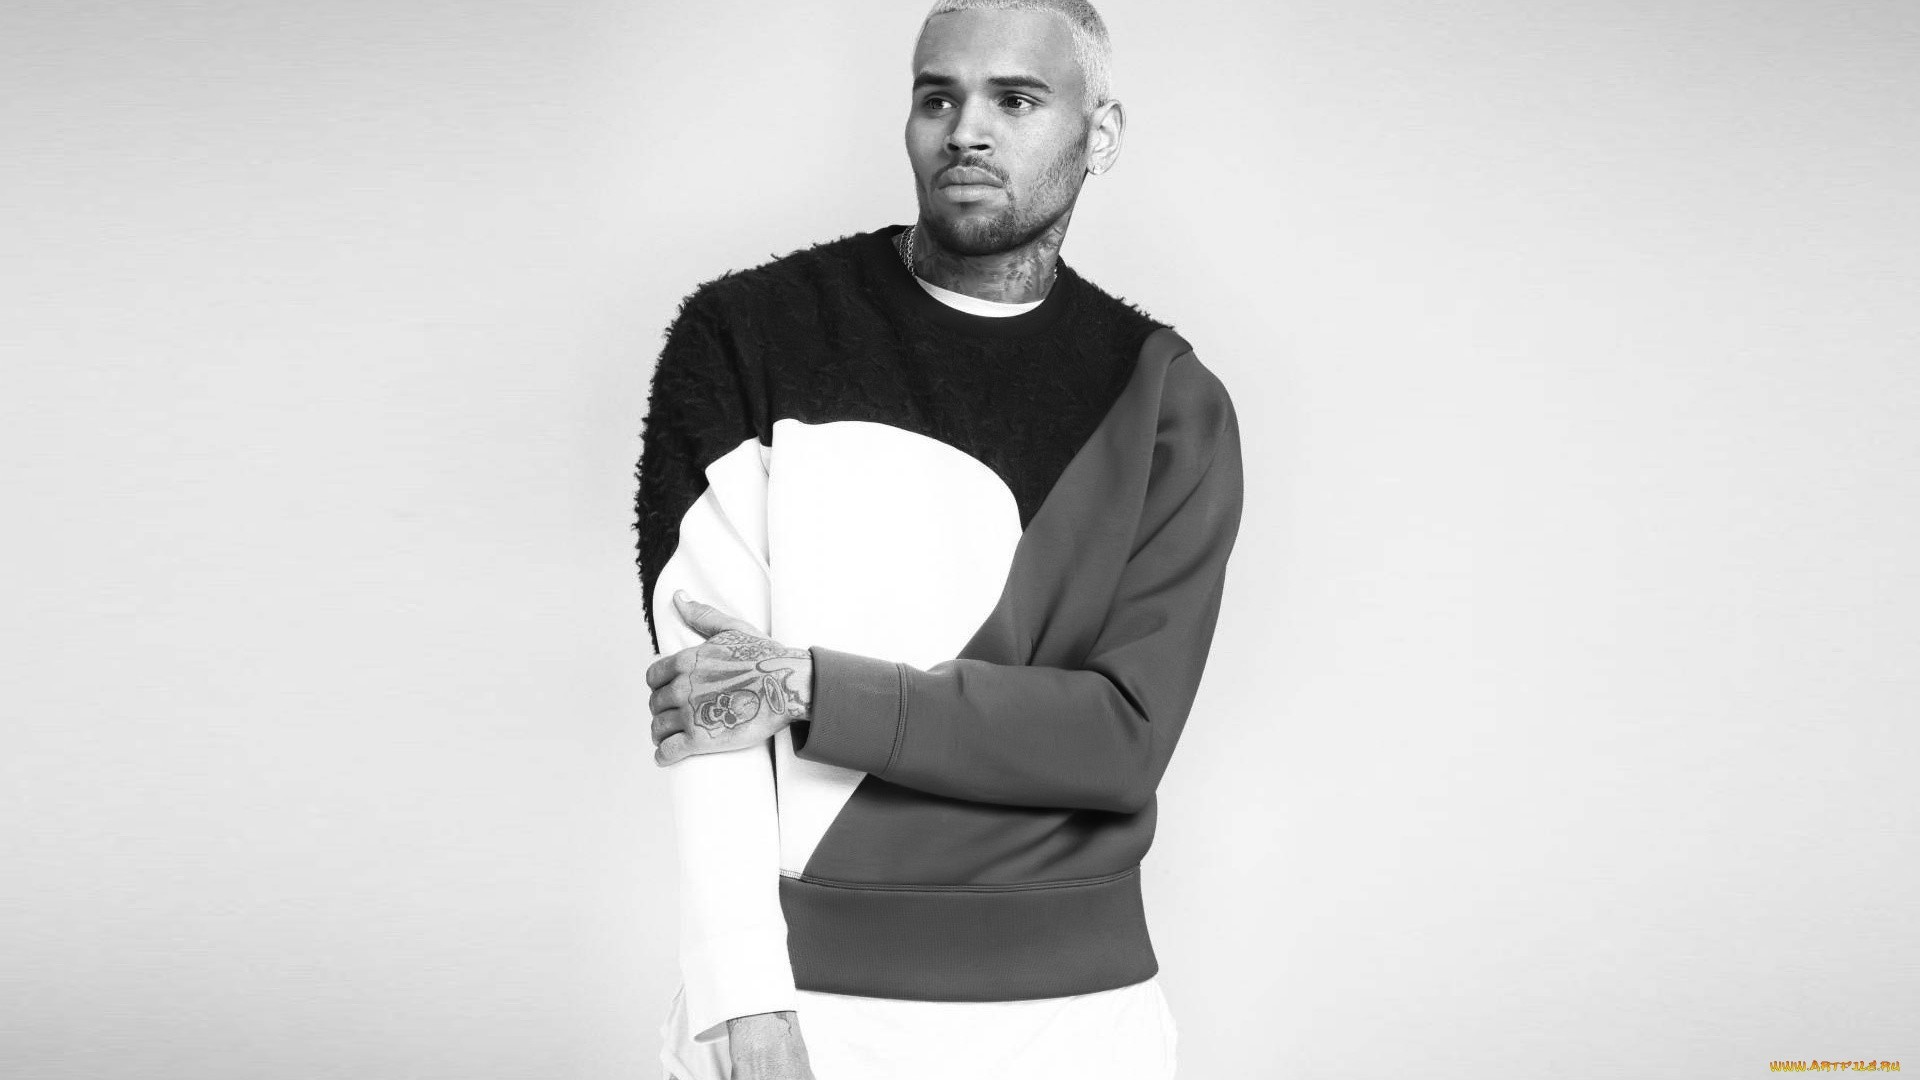 Chris Brown Wallpaper theme